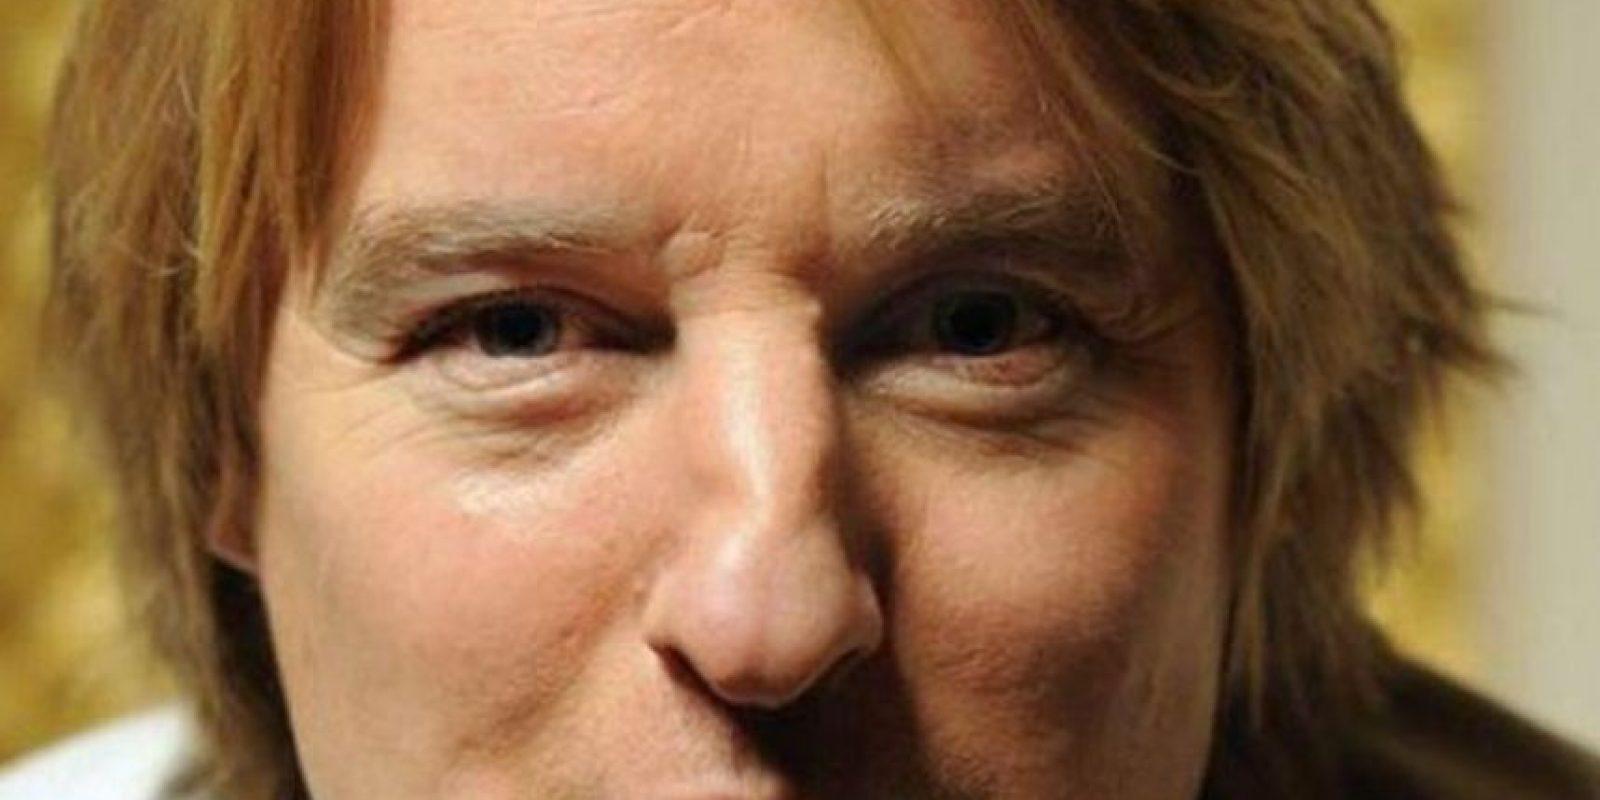 Owen Wilson. También tiene una gran nariz, pero eso lo hace menos atractivo para las mujeres. Foto:Getty Images